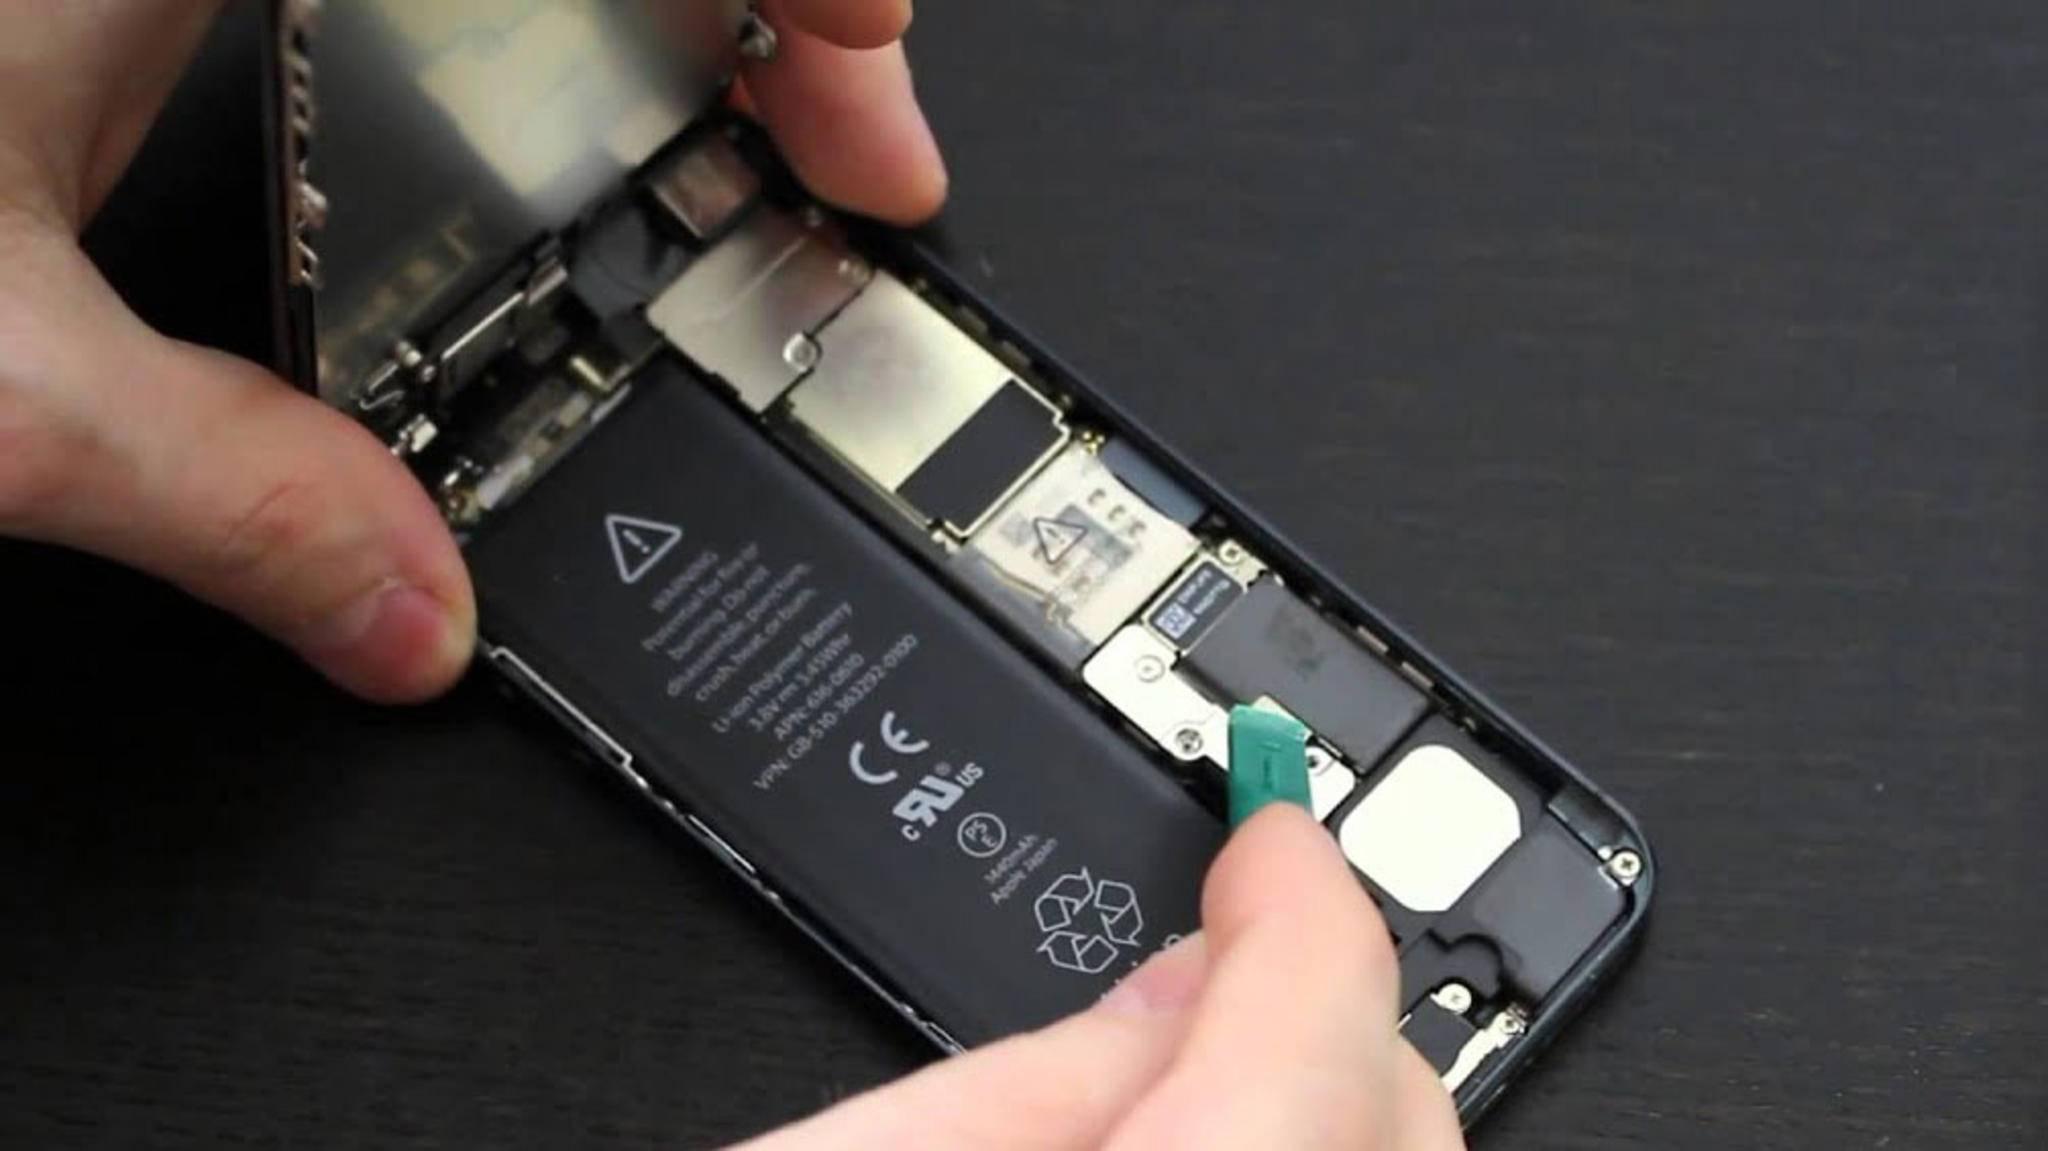 Akkus von Drittanbietern will Apple bei Reparaturen jetzt ignorieren.